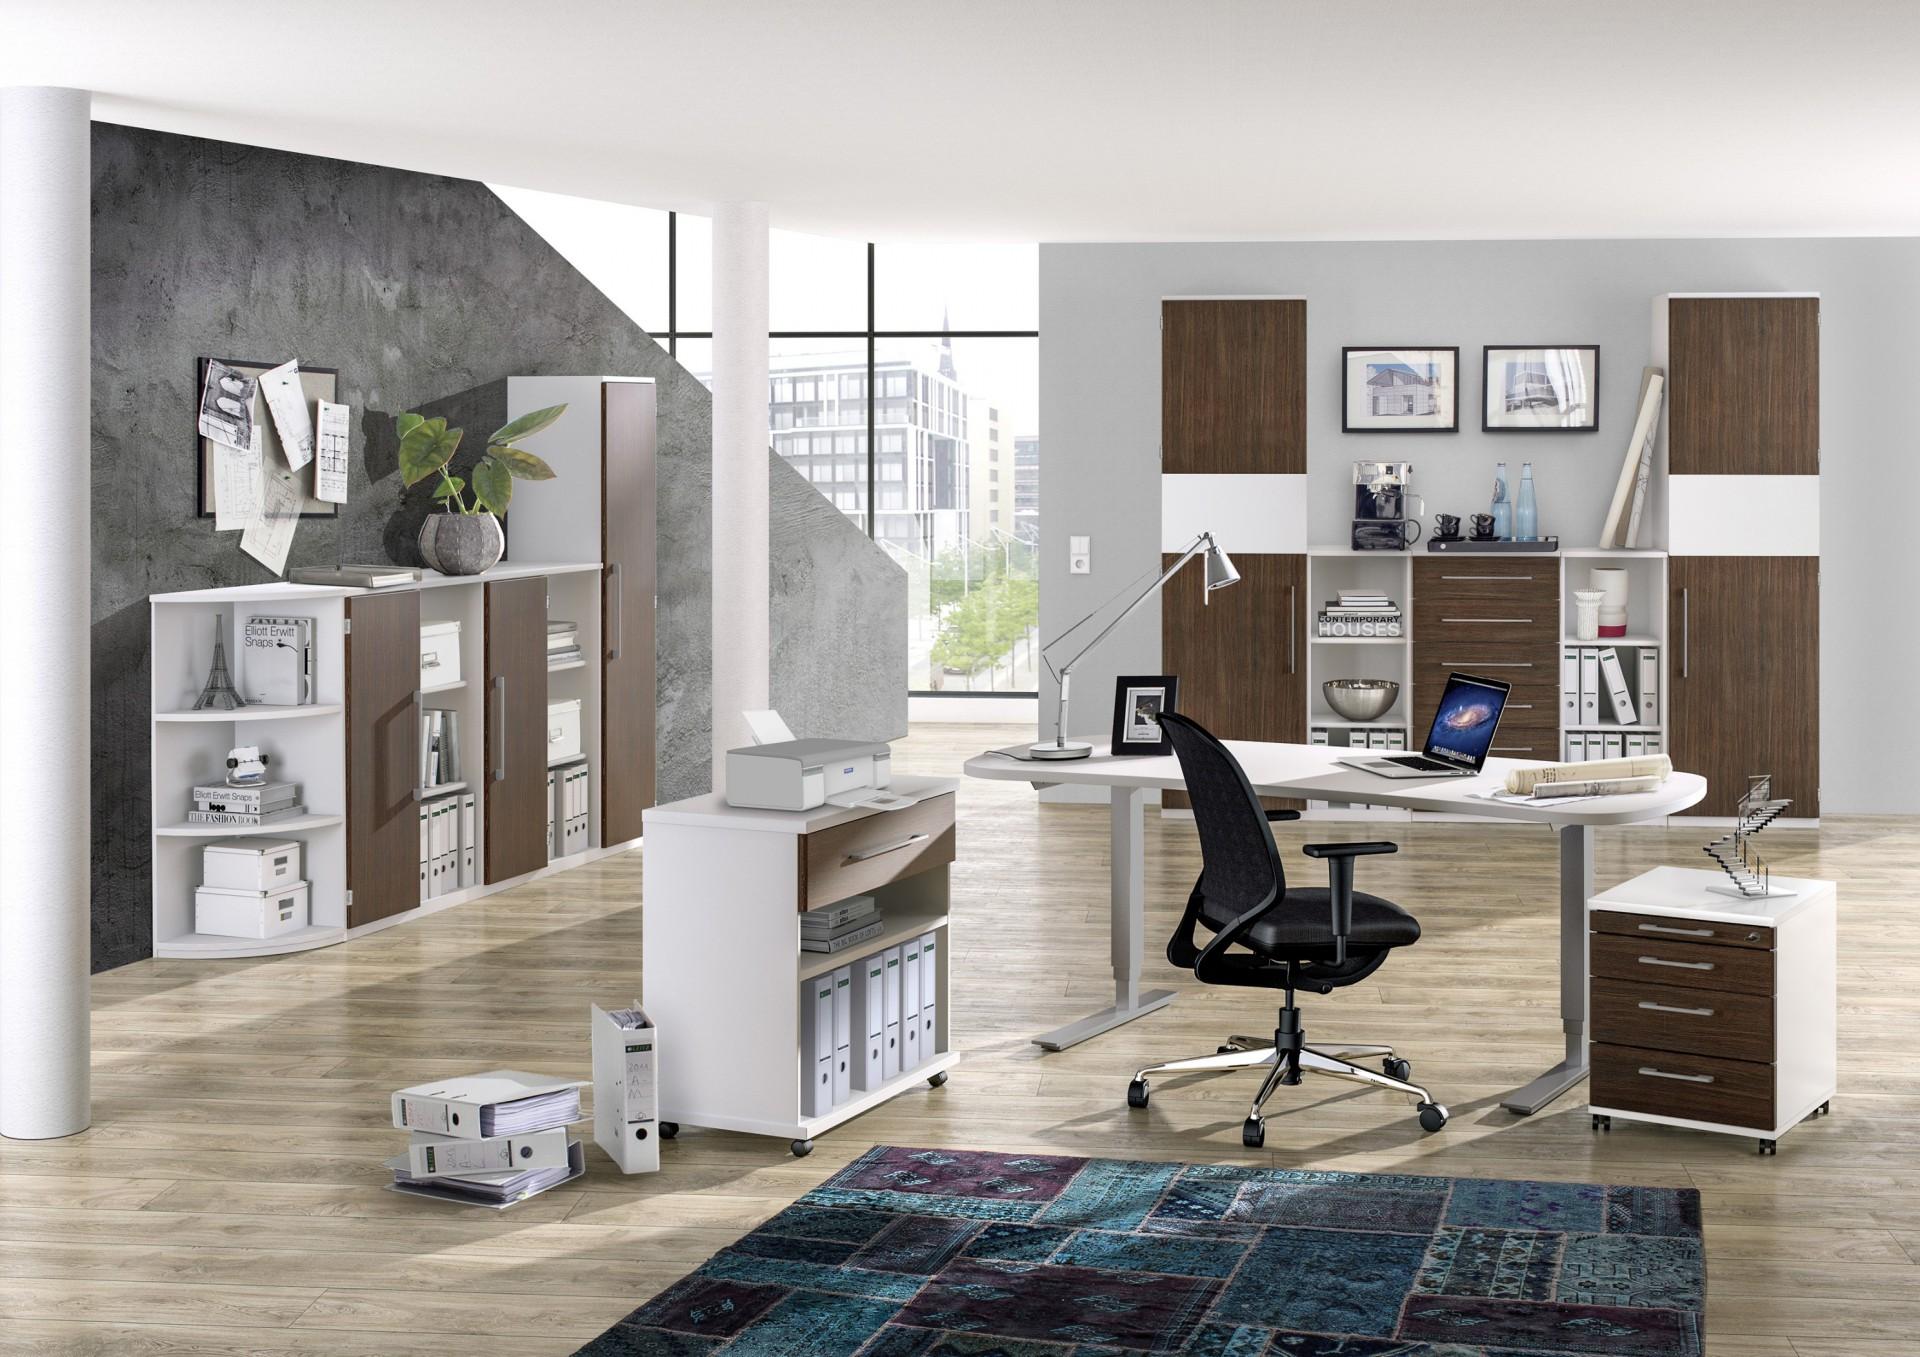 Office/Home-Office - Produkte - handlwohnen.at